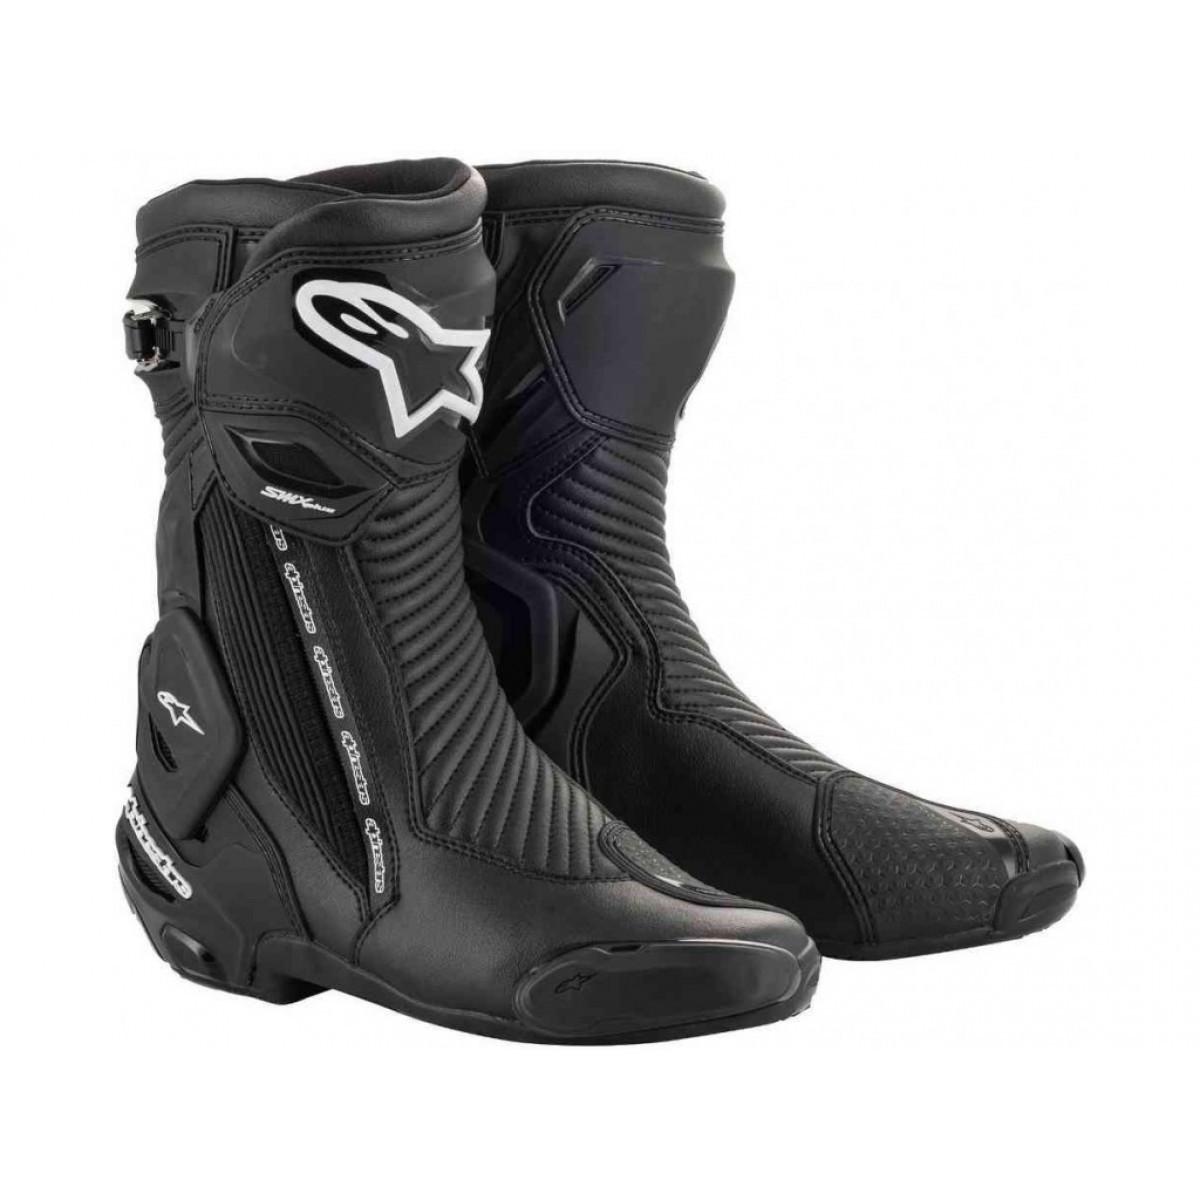 Мотоботы Alpinestars SMX Plus V2 Black, 43